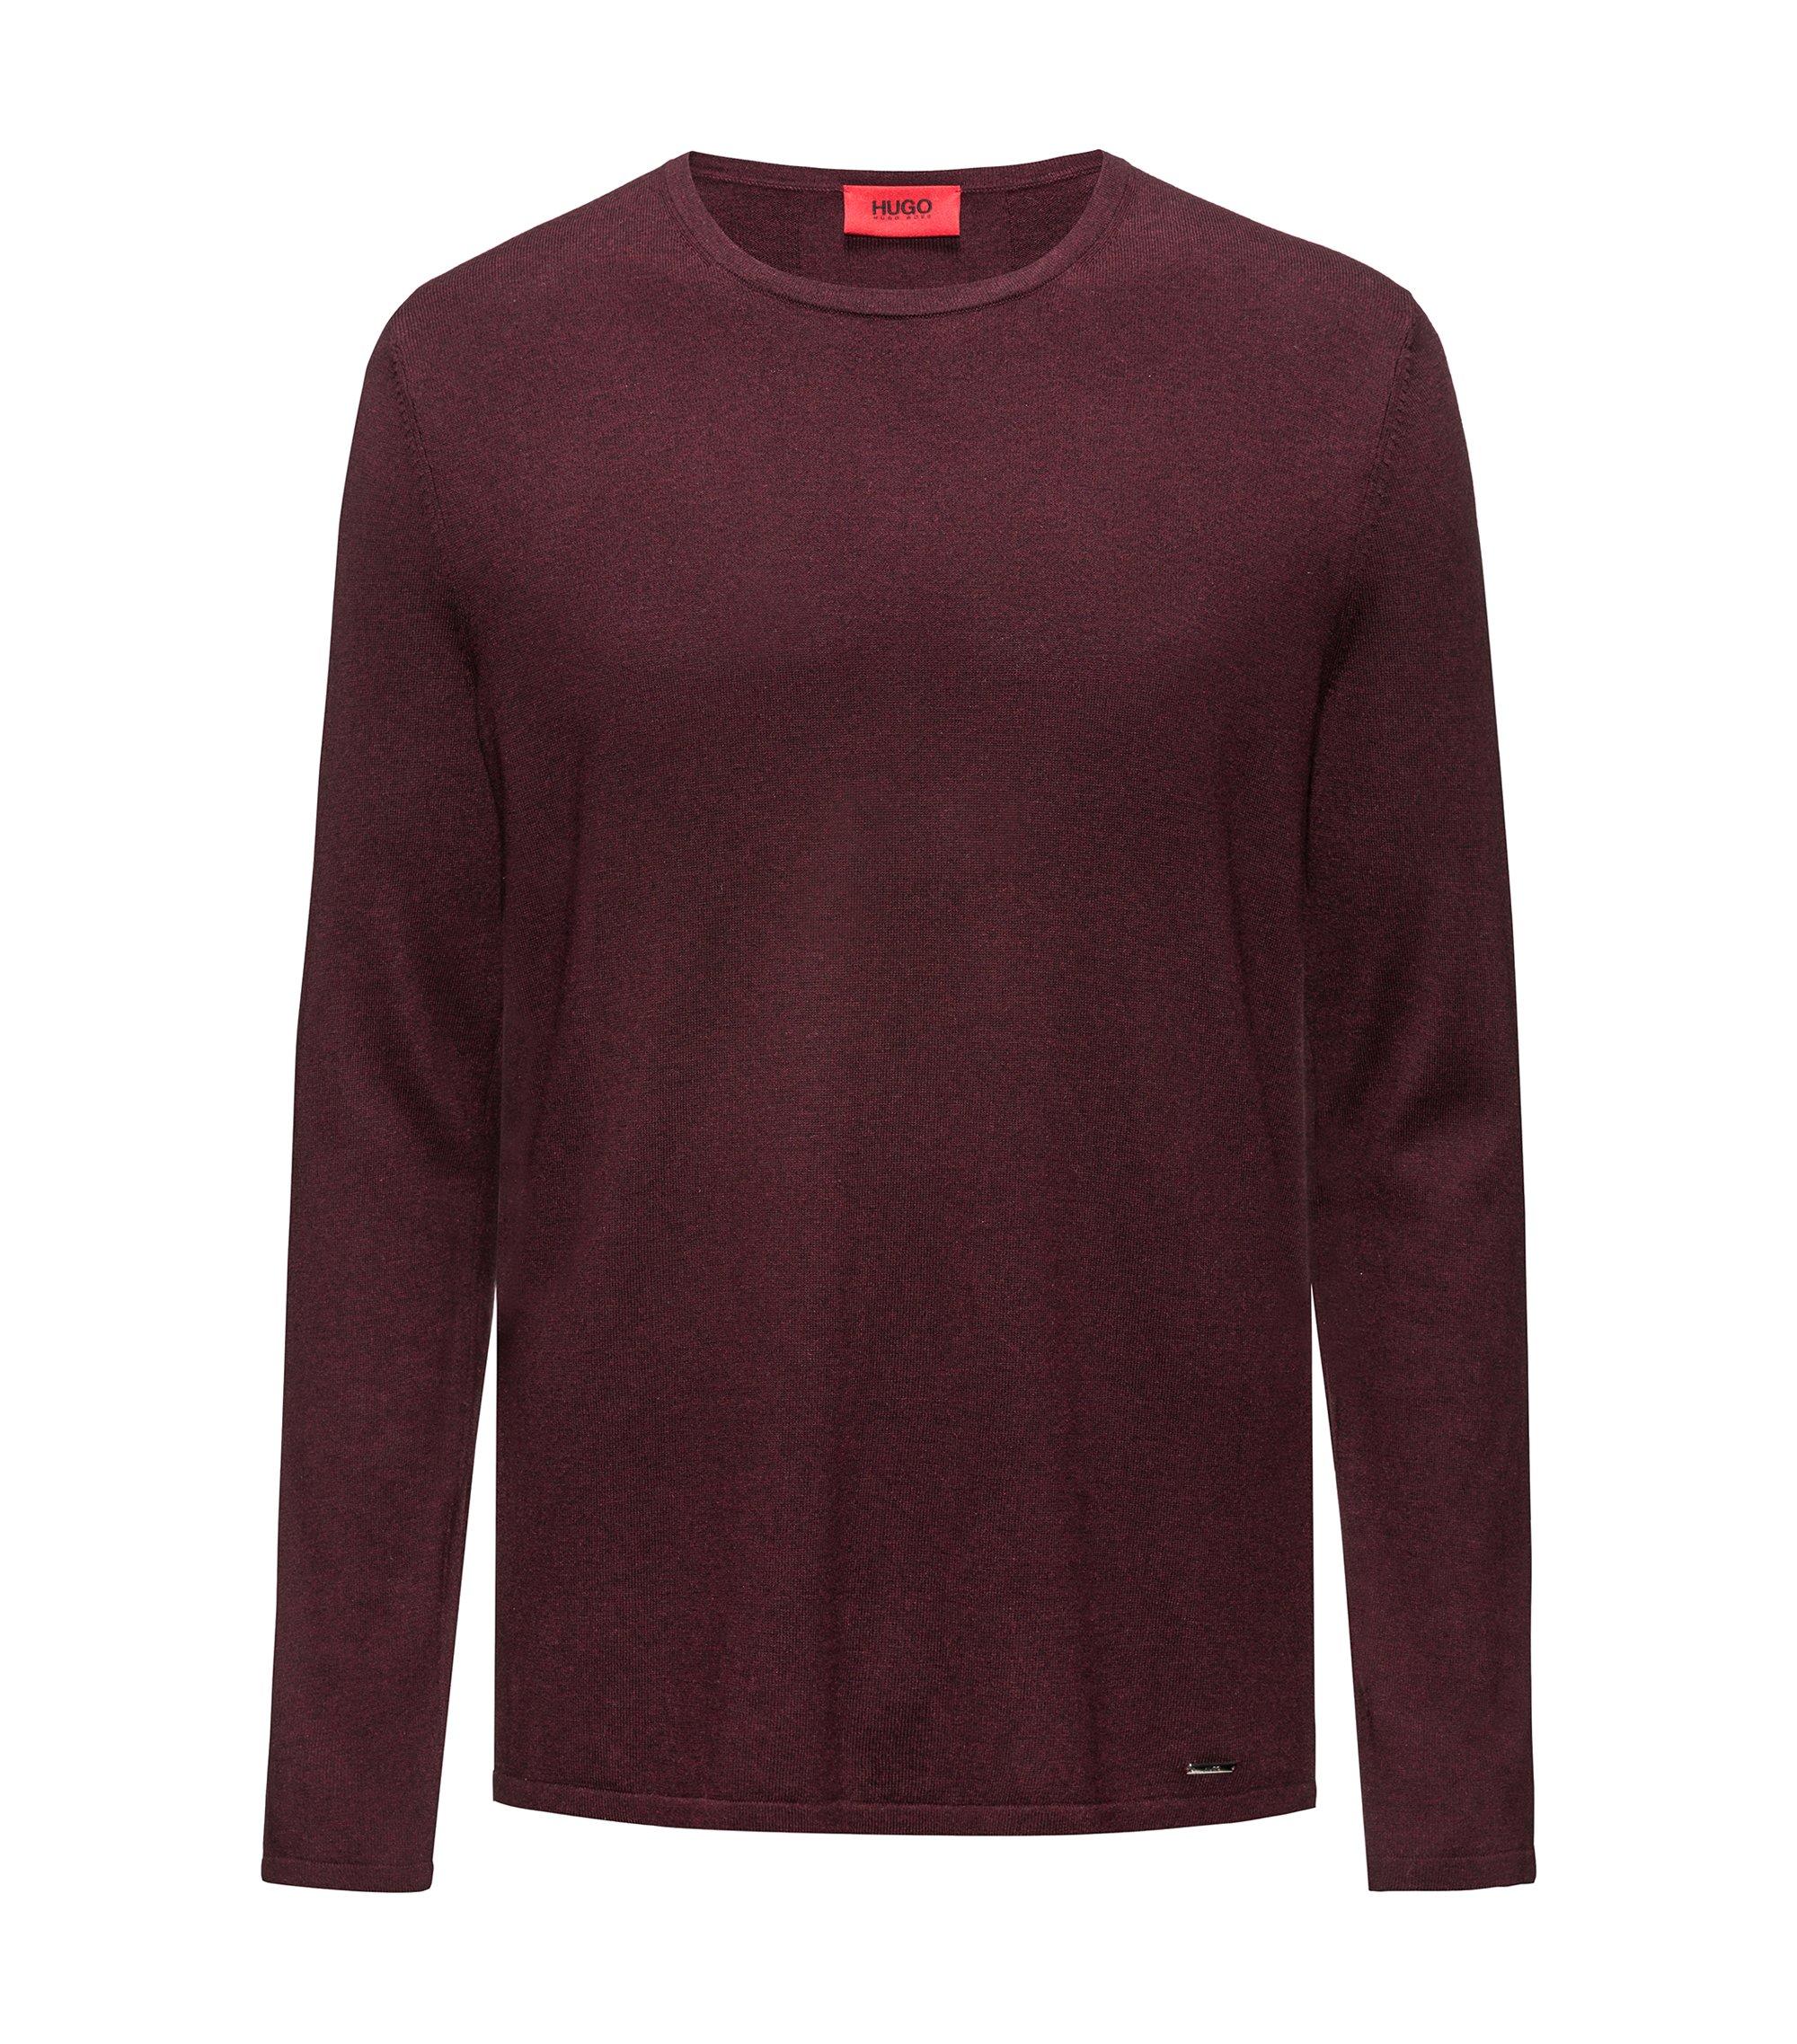 Pullover aus Baumwoll-Mix mit Seide, Dunkelrot